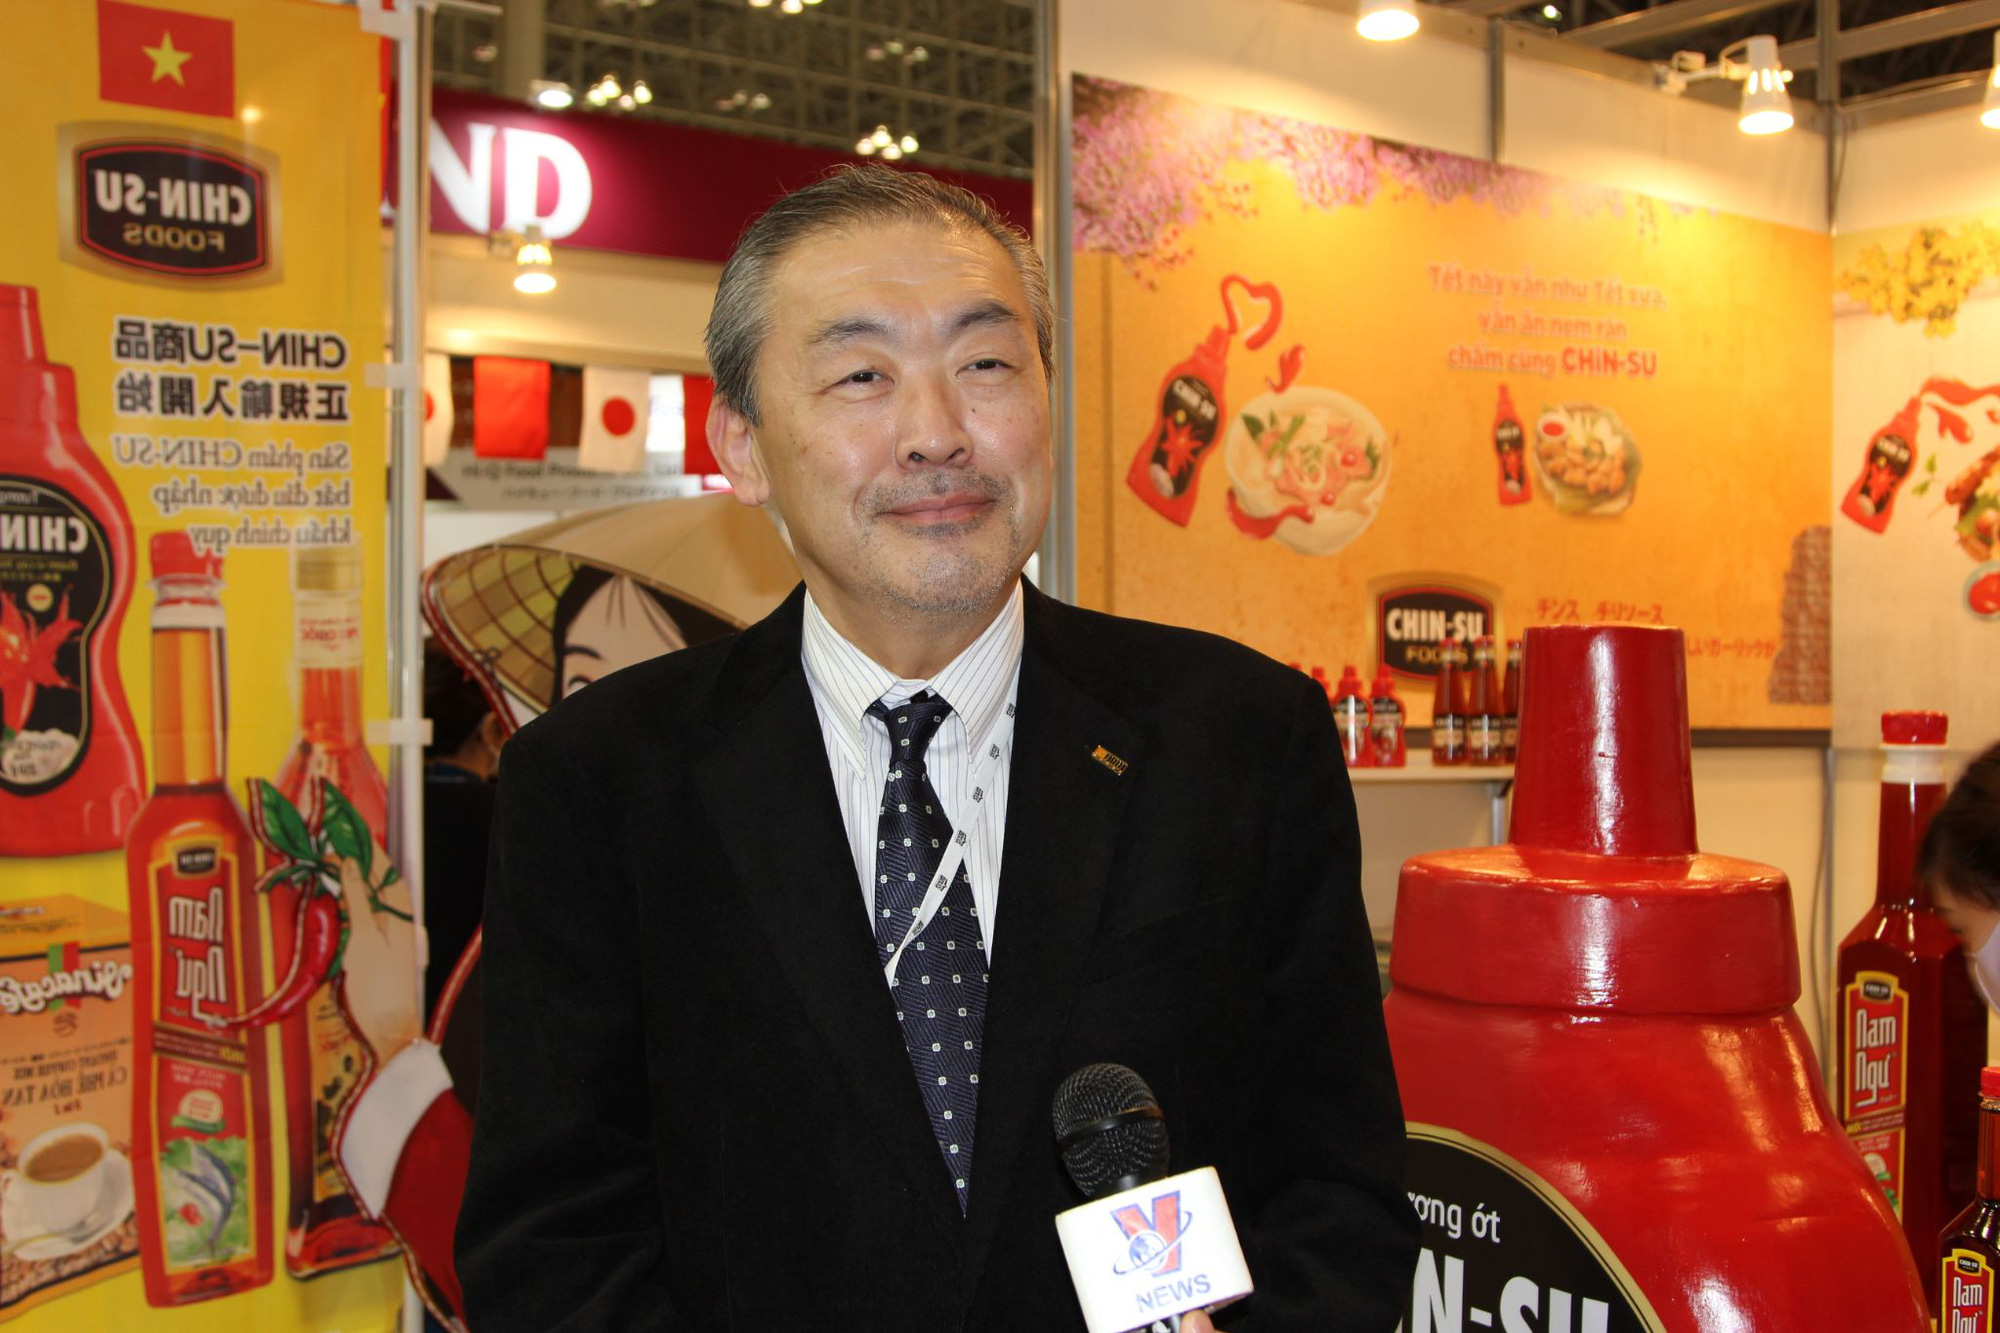 Tương ớt Việt Nam ghi dấu ấn trong triển lãm thực phẩm và đồ uống quốc tế tại Nhật - Ảnh 3.